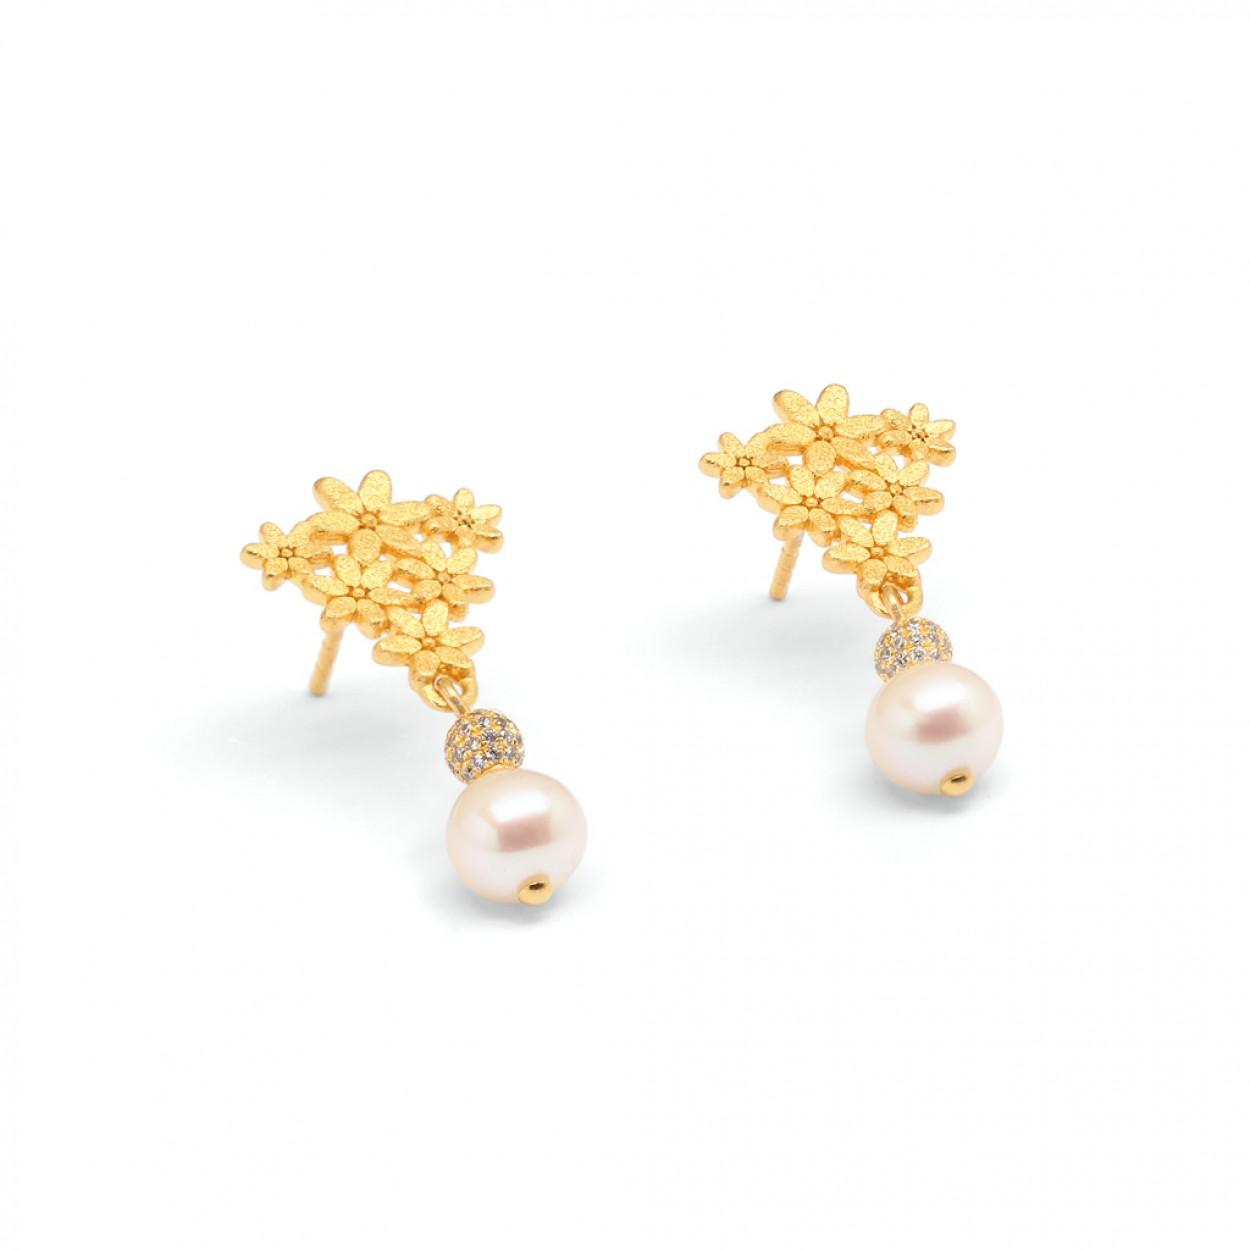 当珍珠遇上黄金 内敛的奢华之美